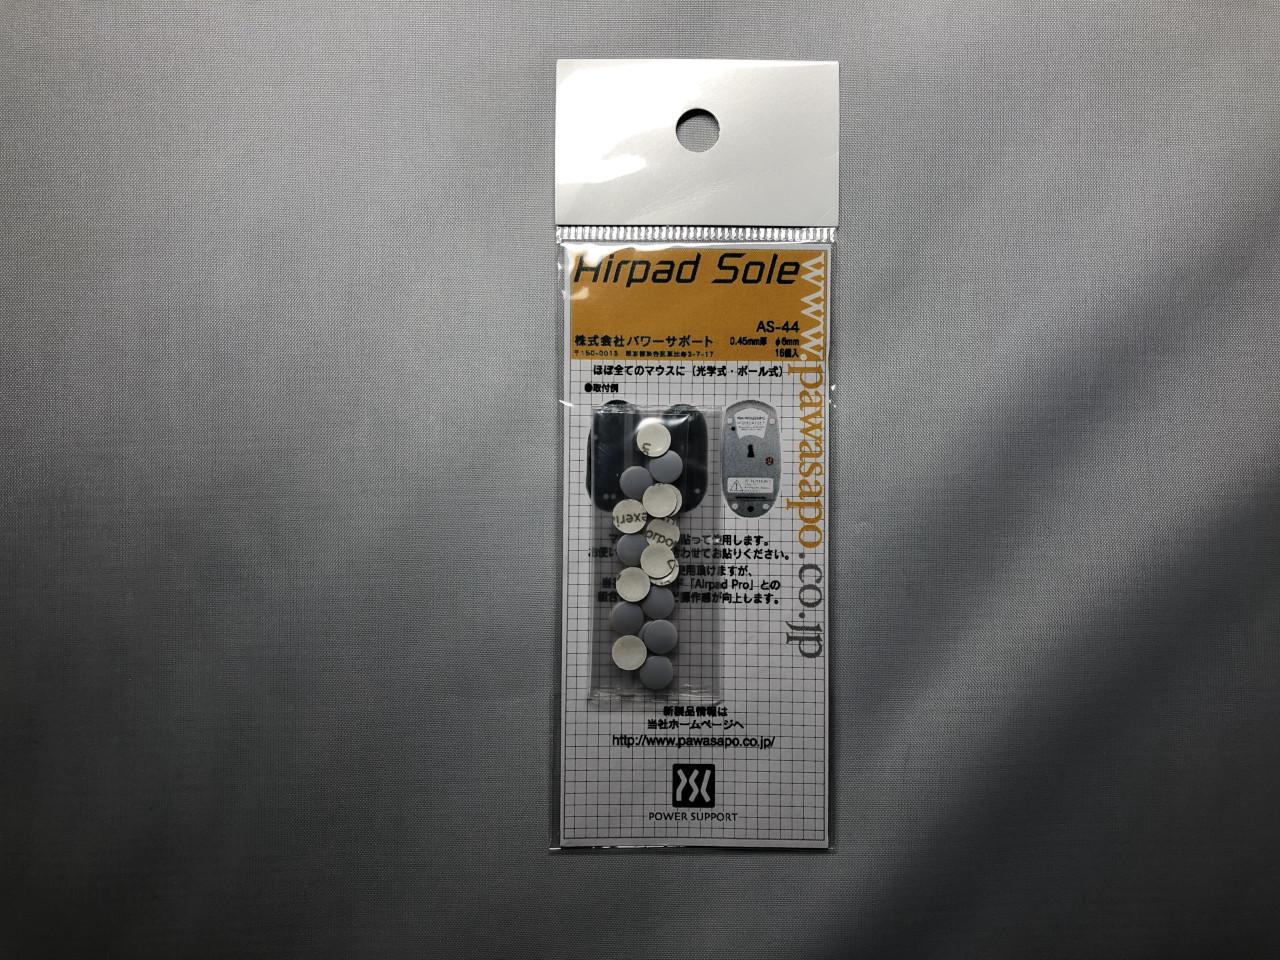 パワーサポート - Airpad Sole(丸形)